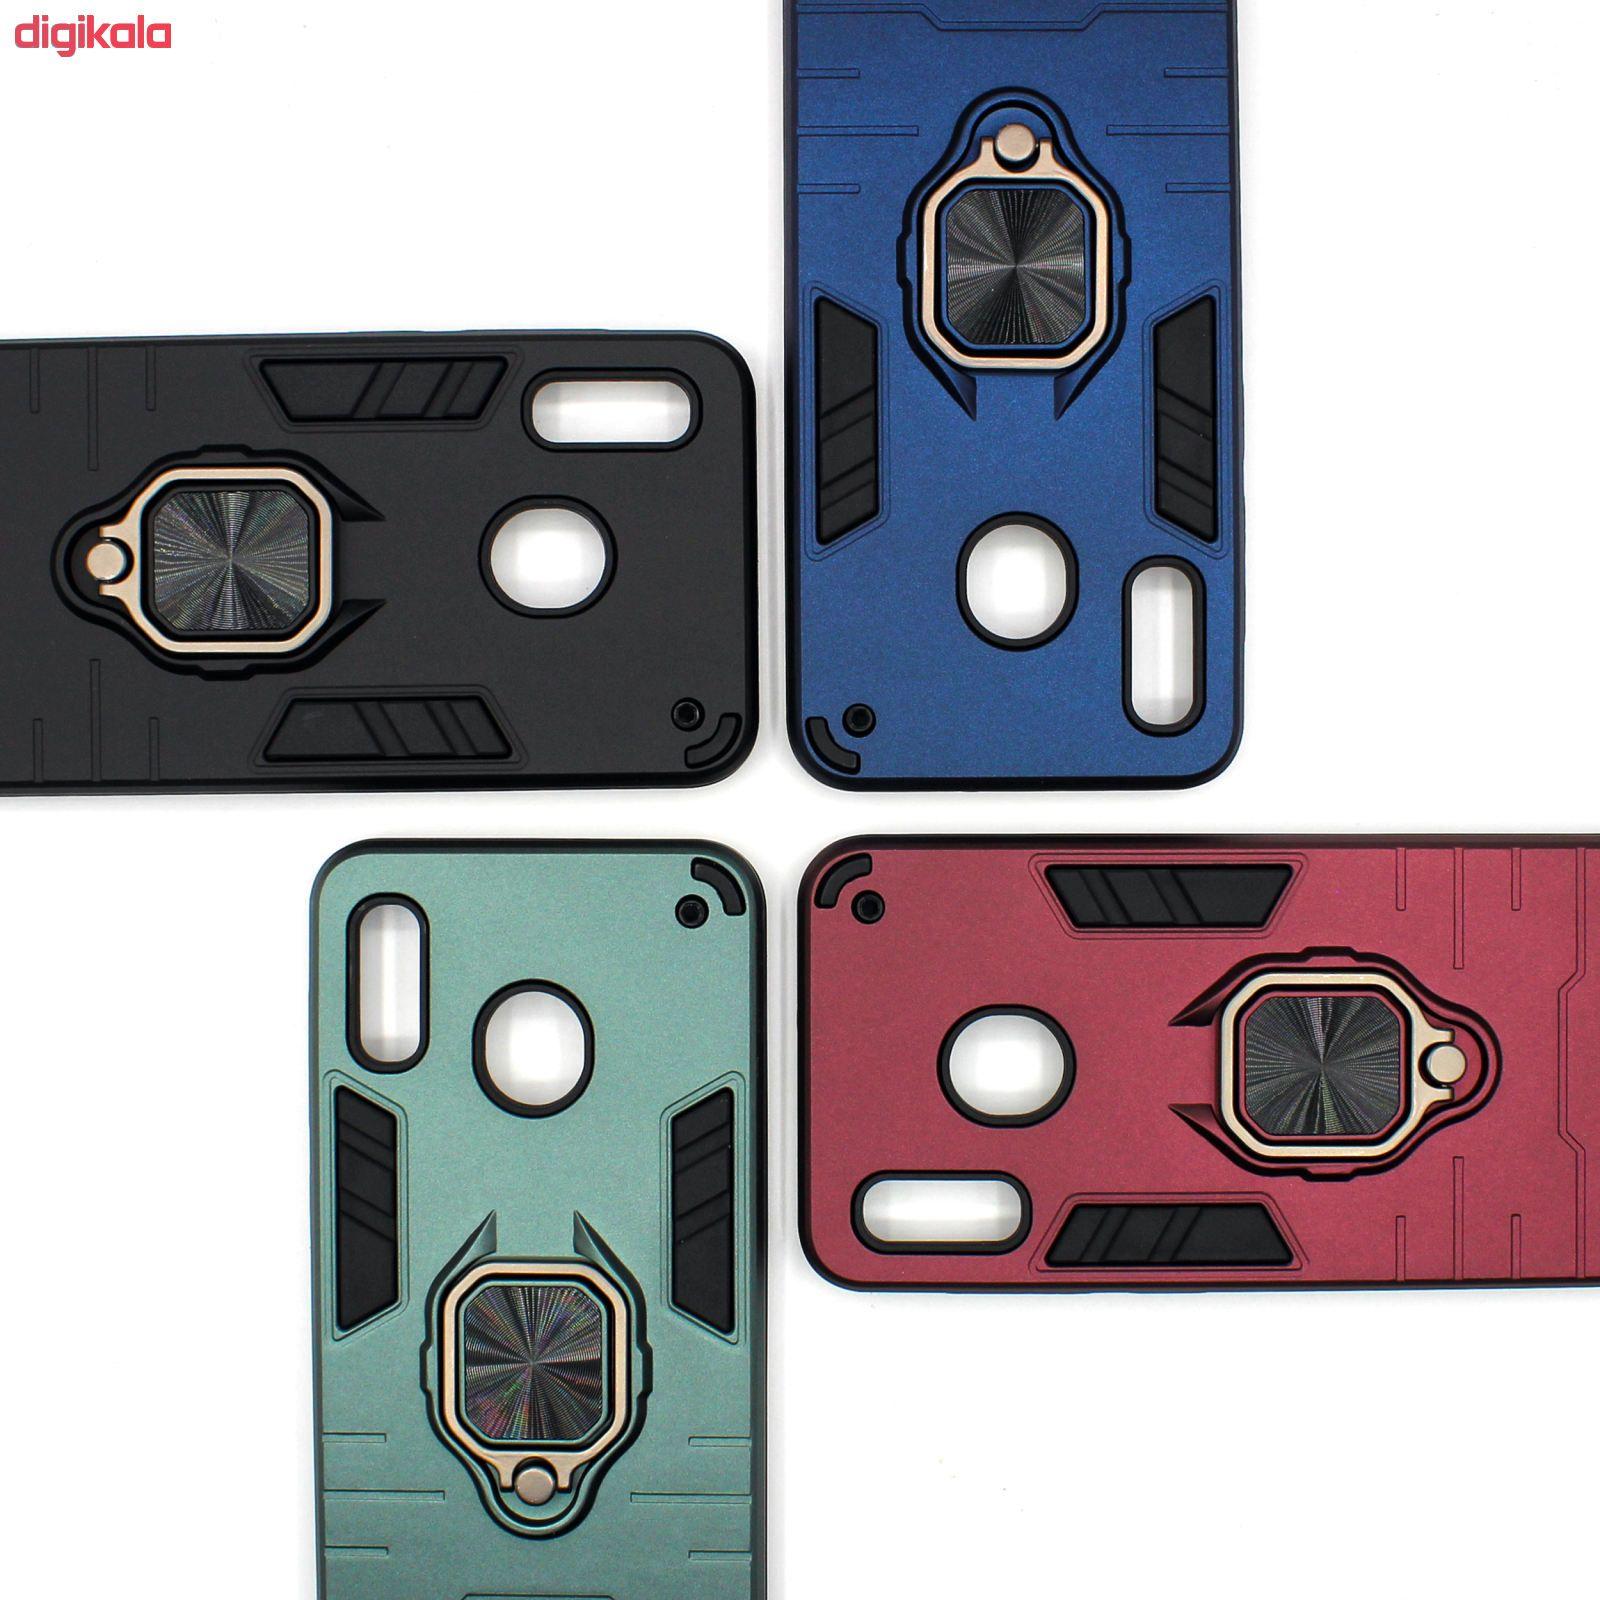 کاور کینگ پاور مدل ASH22 مناسب برای گوشی موبایل هوآوی Y7 Prime 2019 main 1 11